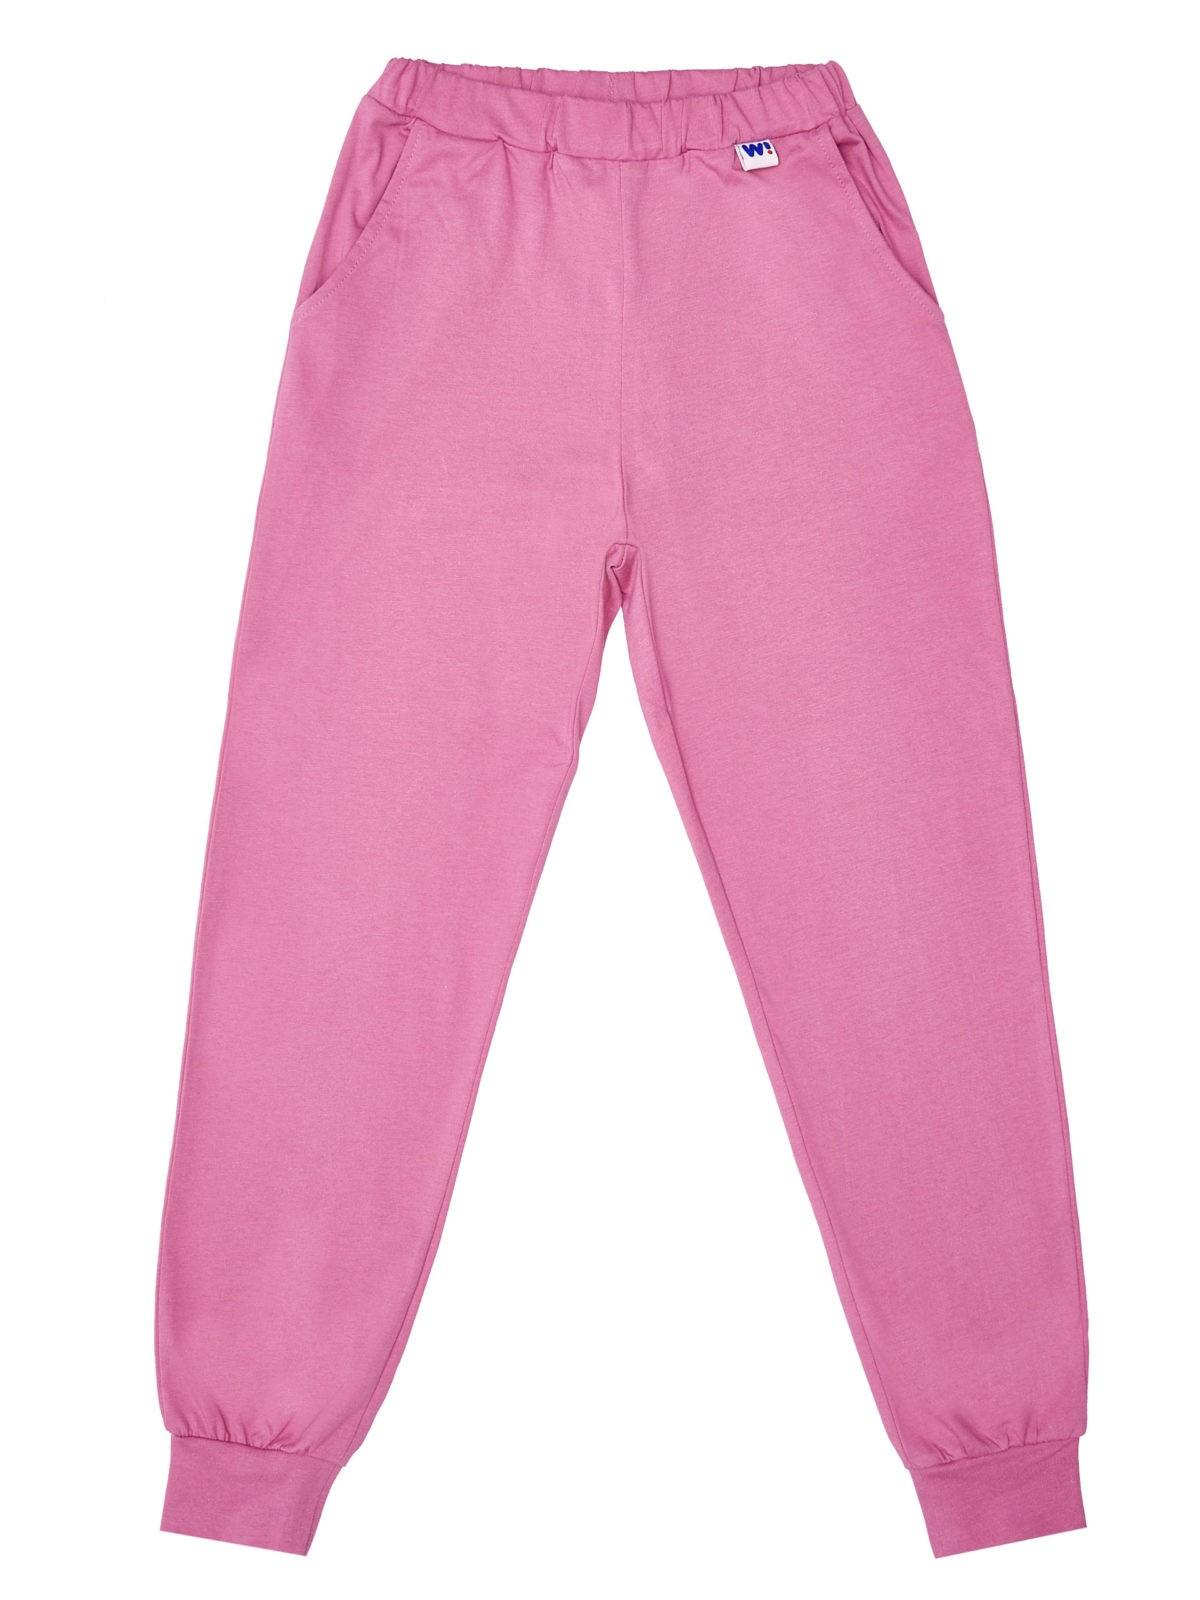 Dívčí pyžamo Rock'n'Roll Světle-šedý melanž/Růžová